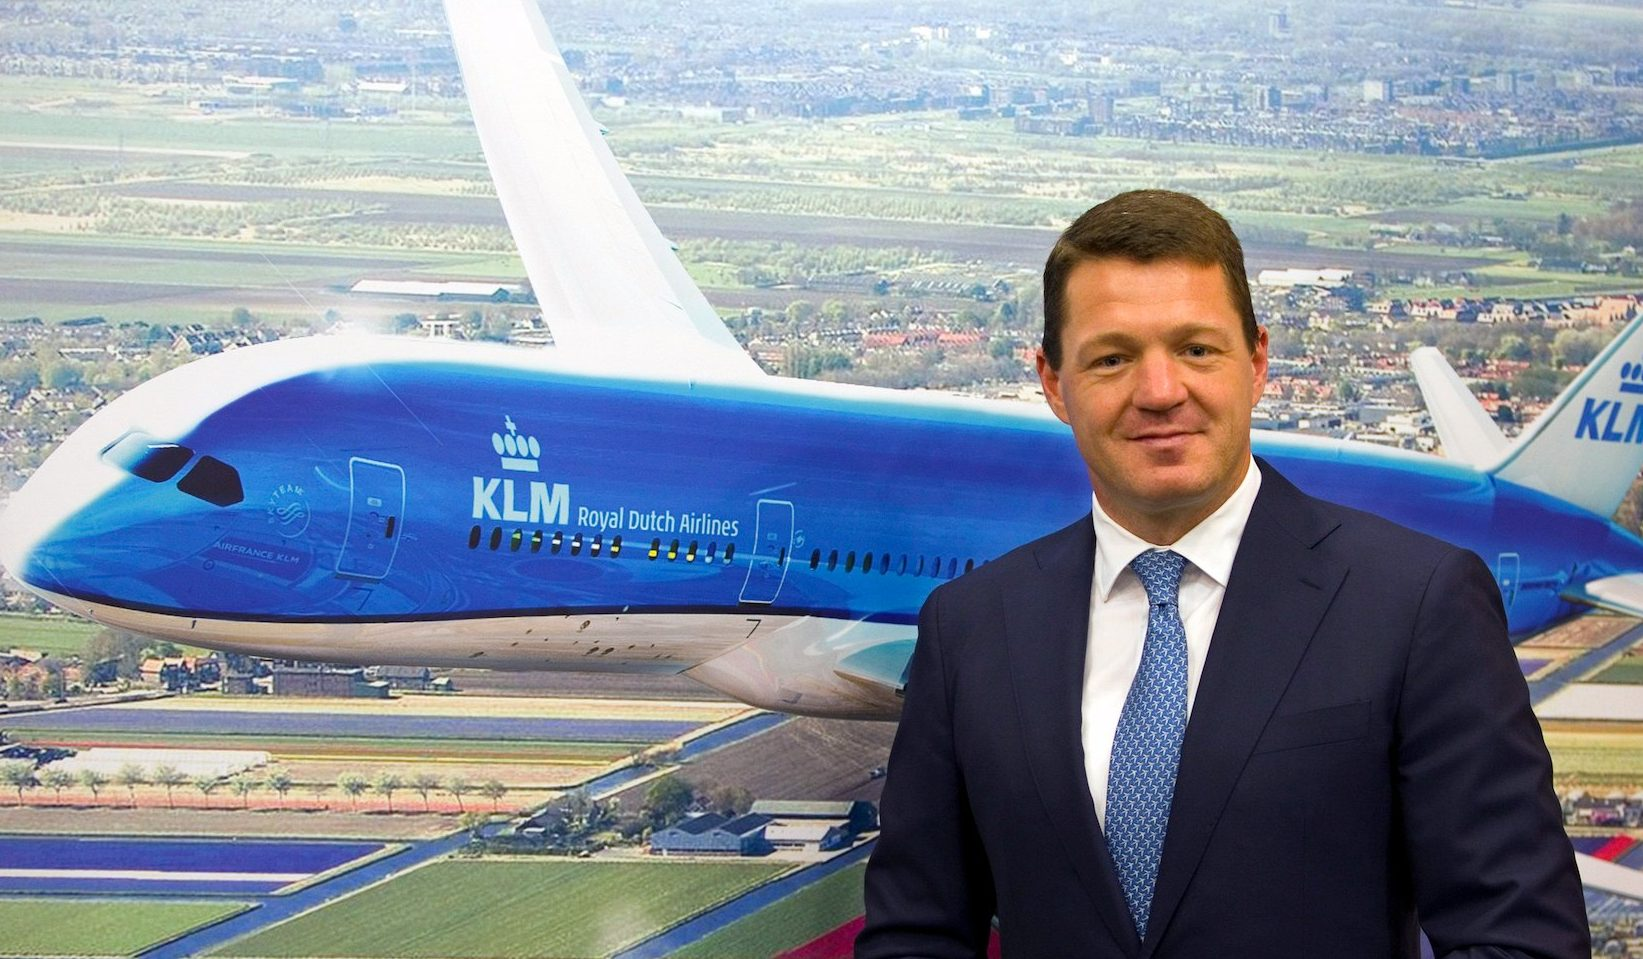 La separación de Air France «no es una opción» para el consejero delegado de KLM